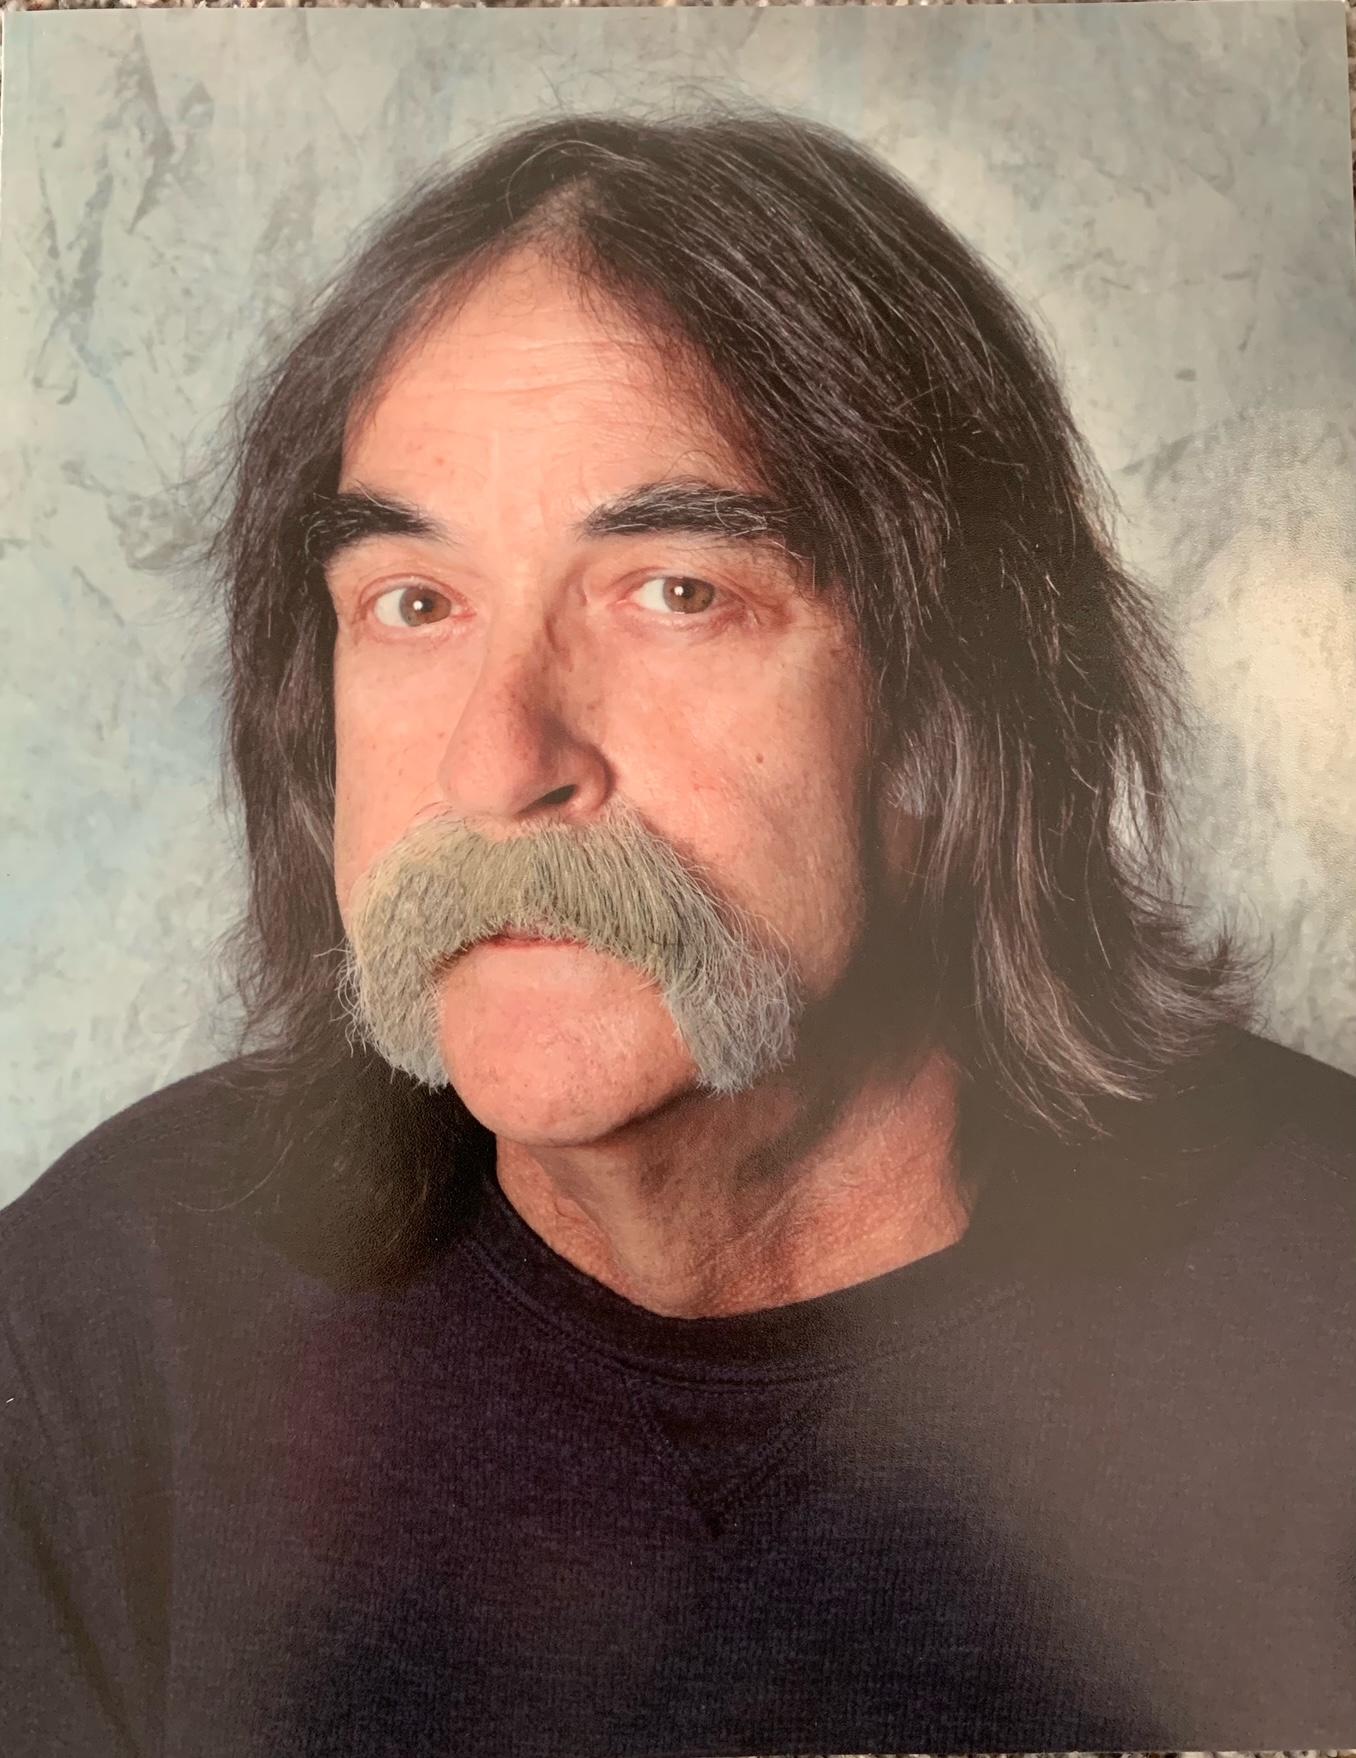 Terry Lee Hofmann